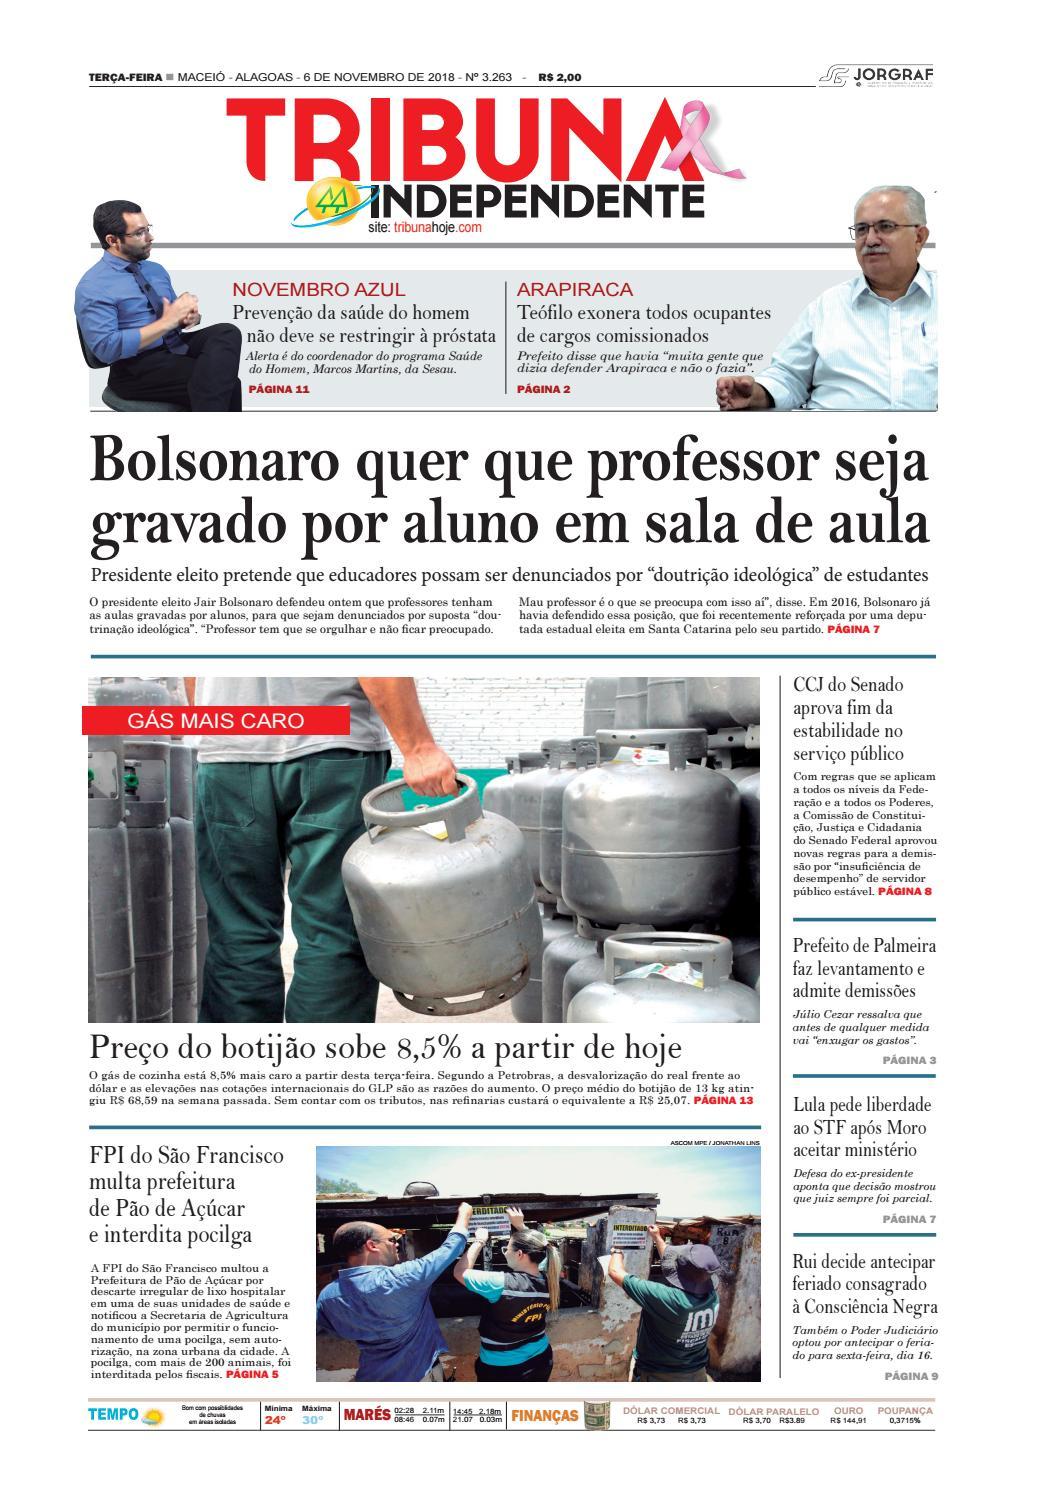 Edição número 3263 - 6 de novembro de 2018 by Tribuna Hoje - issuu e96086ebfa06e